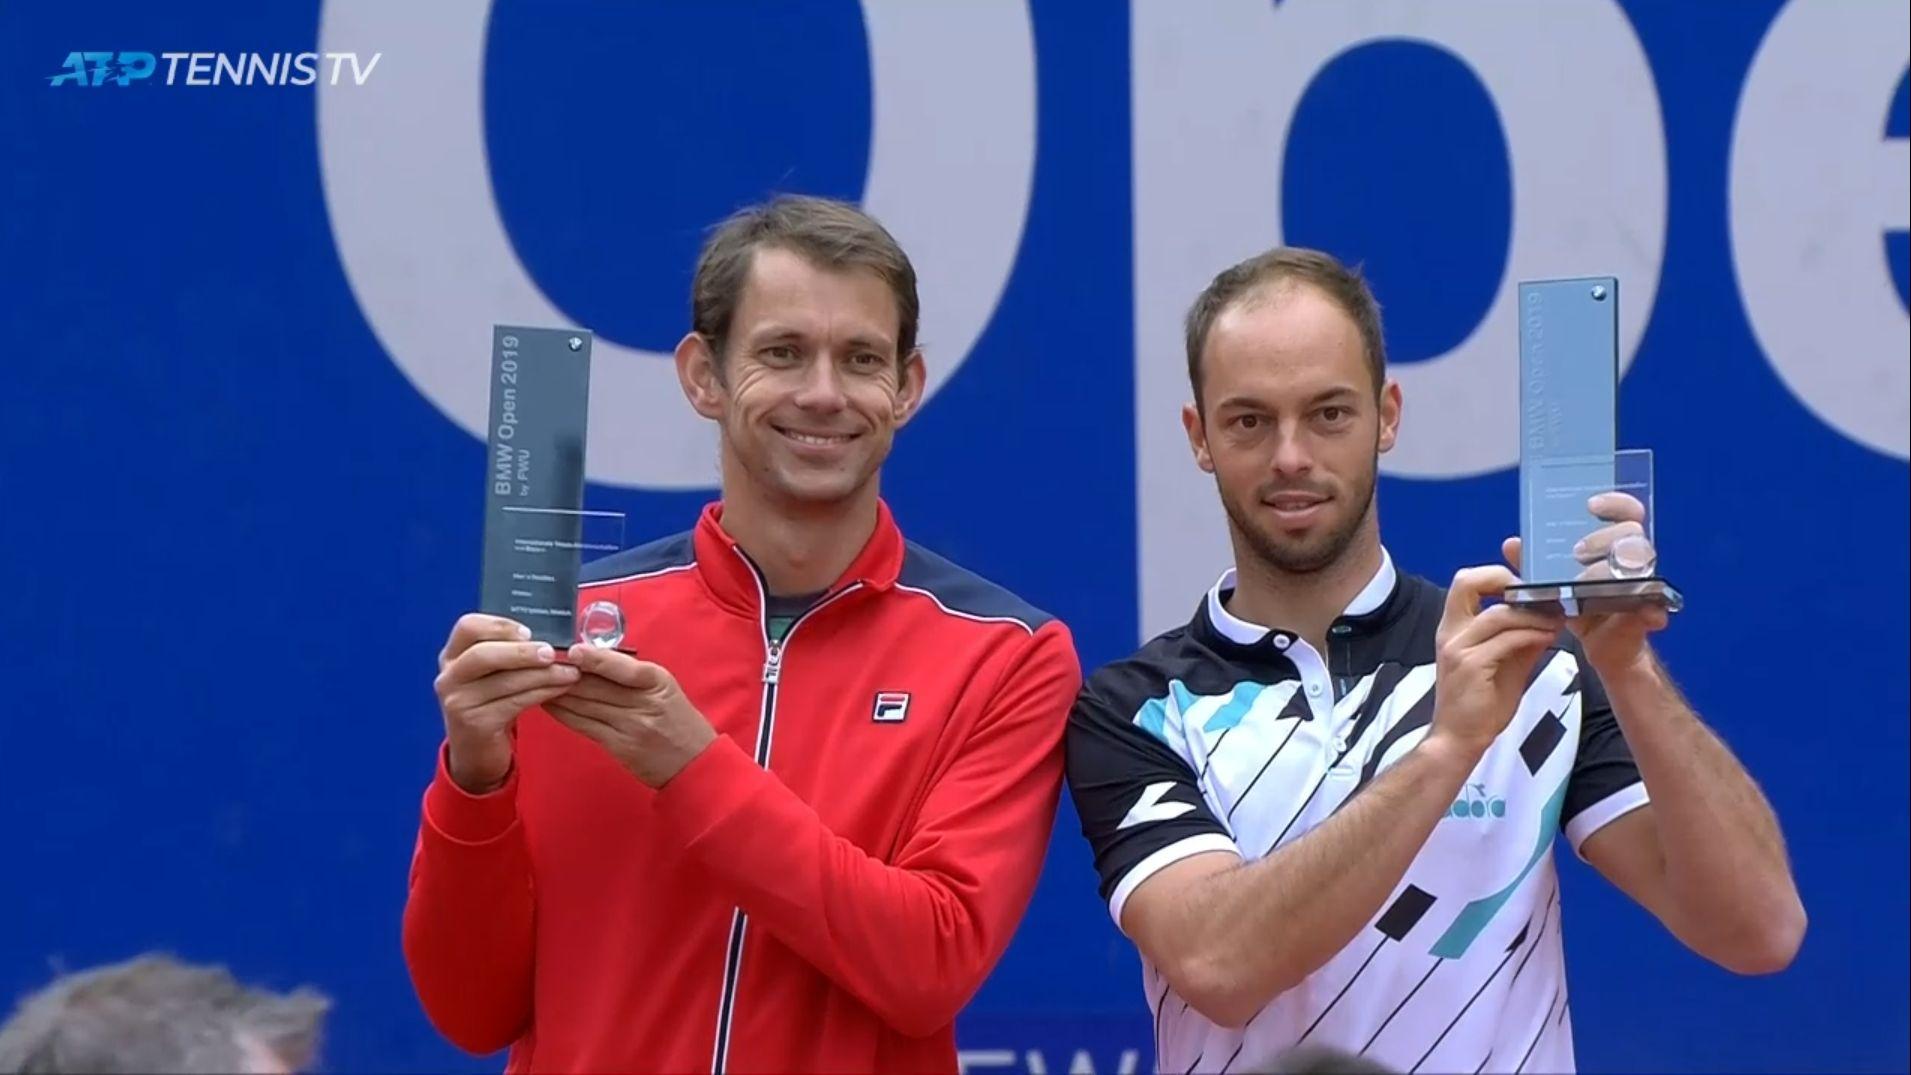 Frederik Løchte Nielsen, Tim Puetz